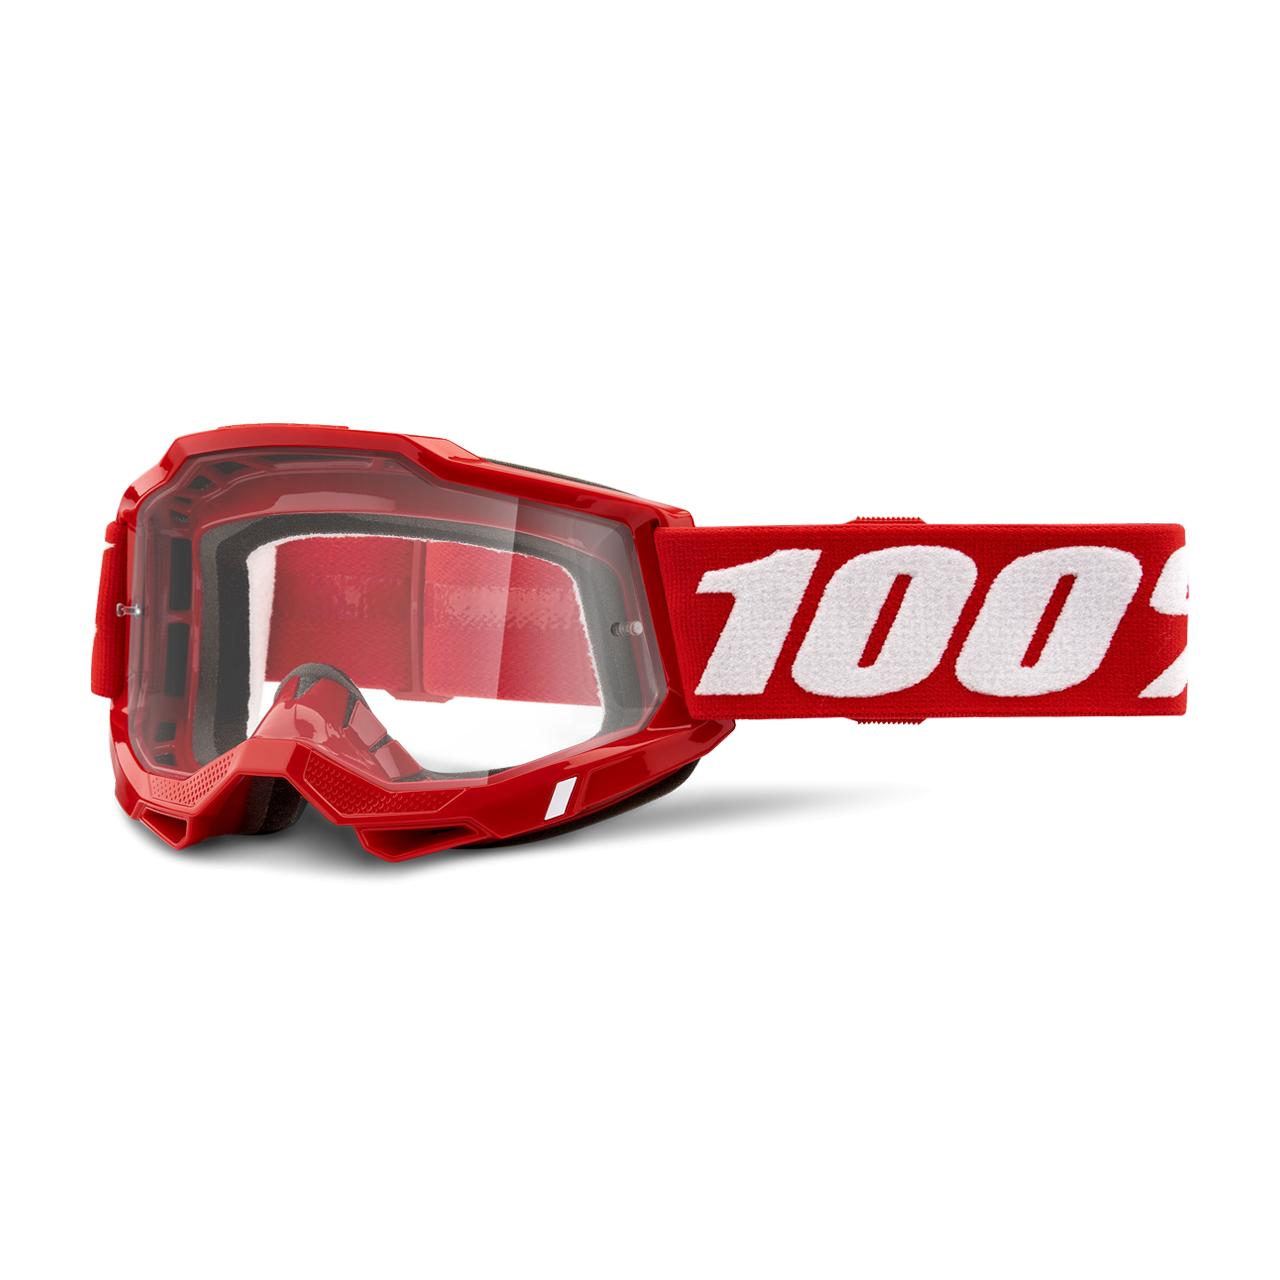 100% Maschera Cross  Accuri 2 Rossa